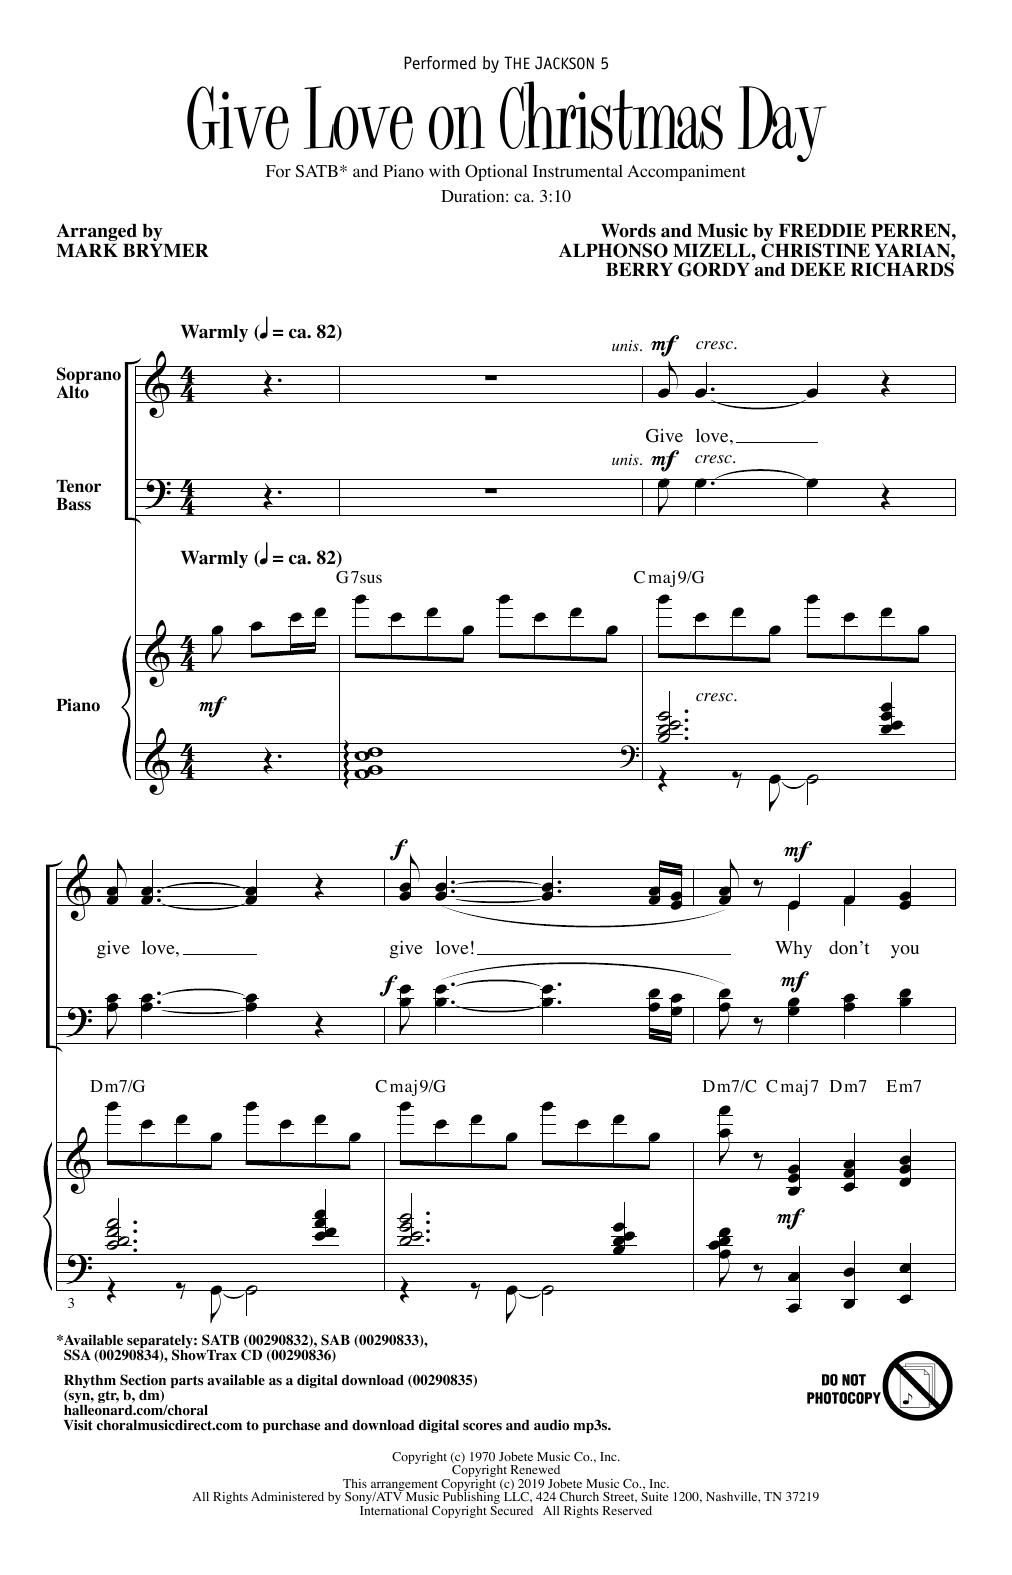 Give Love On Christmas Day (arr. Mark Brymer) (SATB Choir)